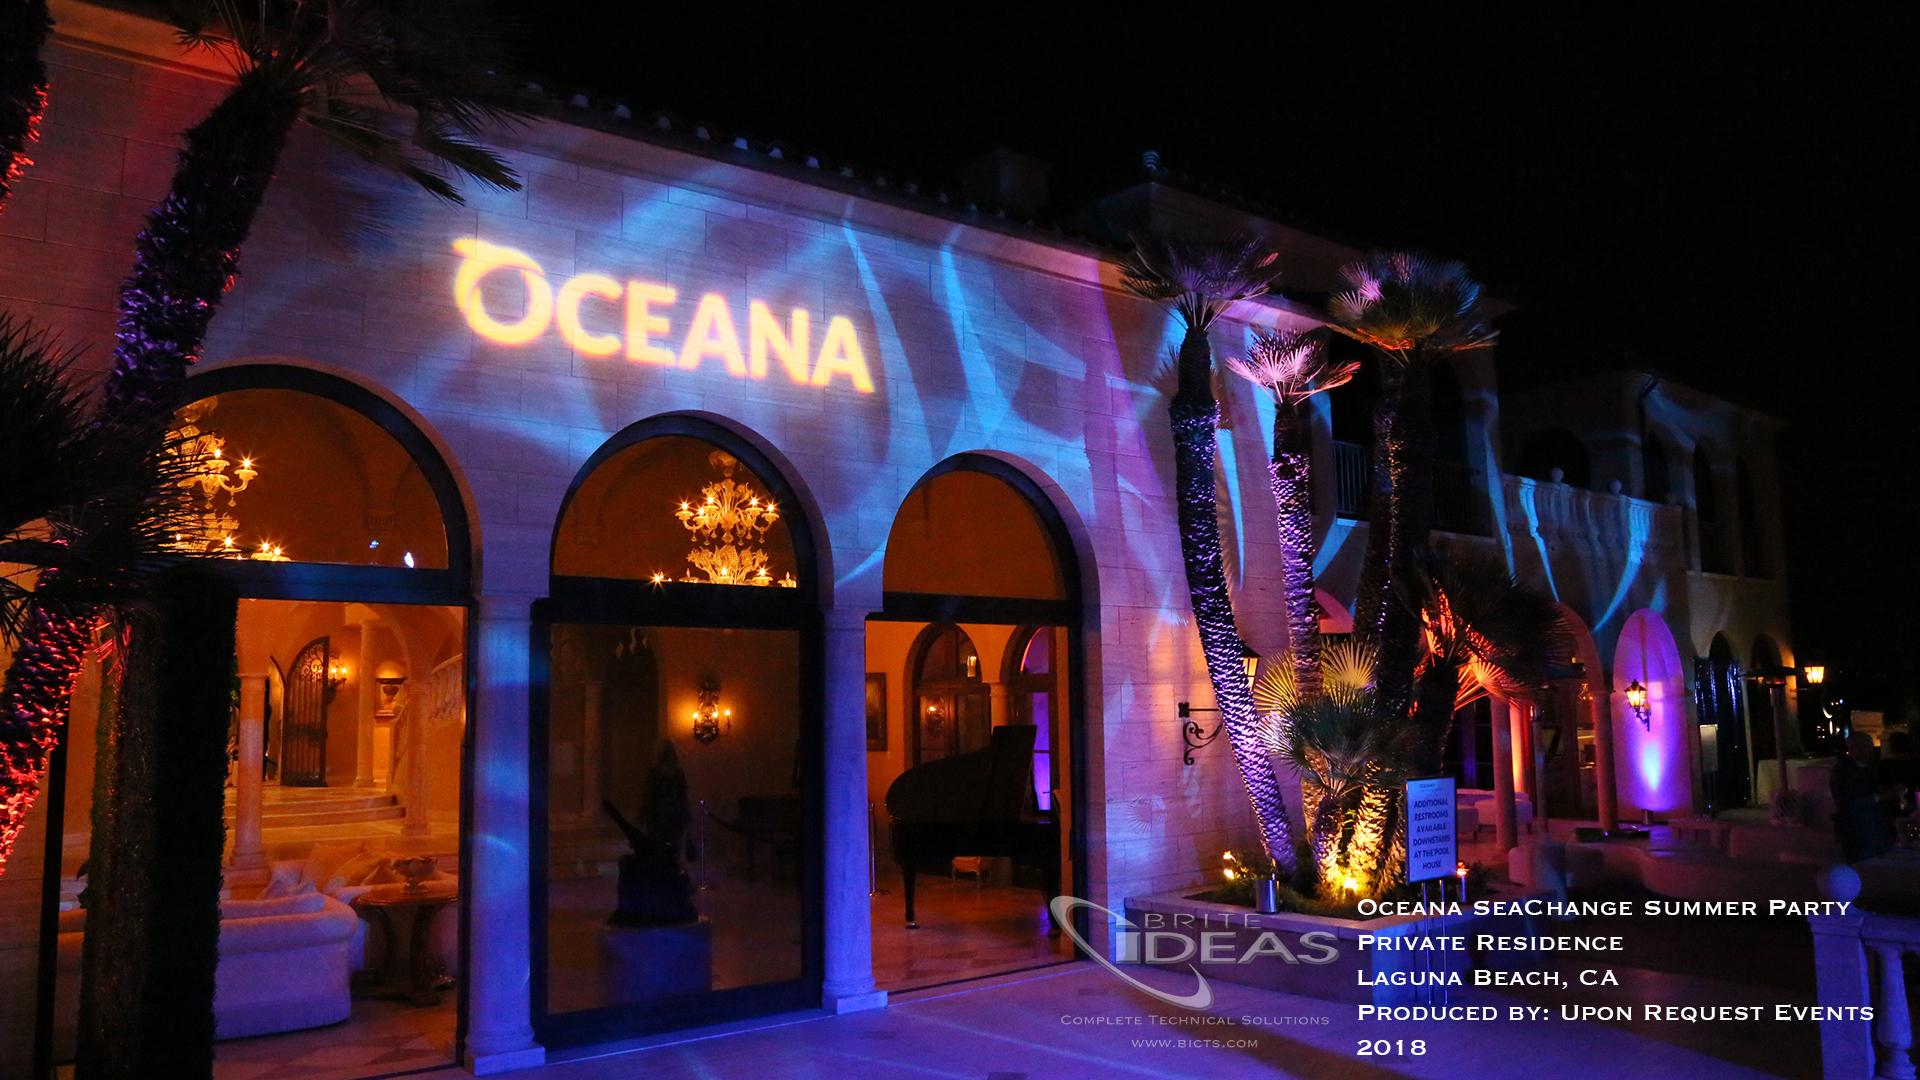 Oceana_2018_4_NonProfit.jpg